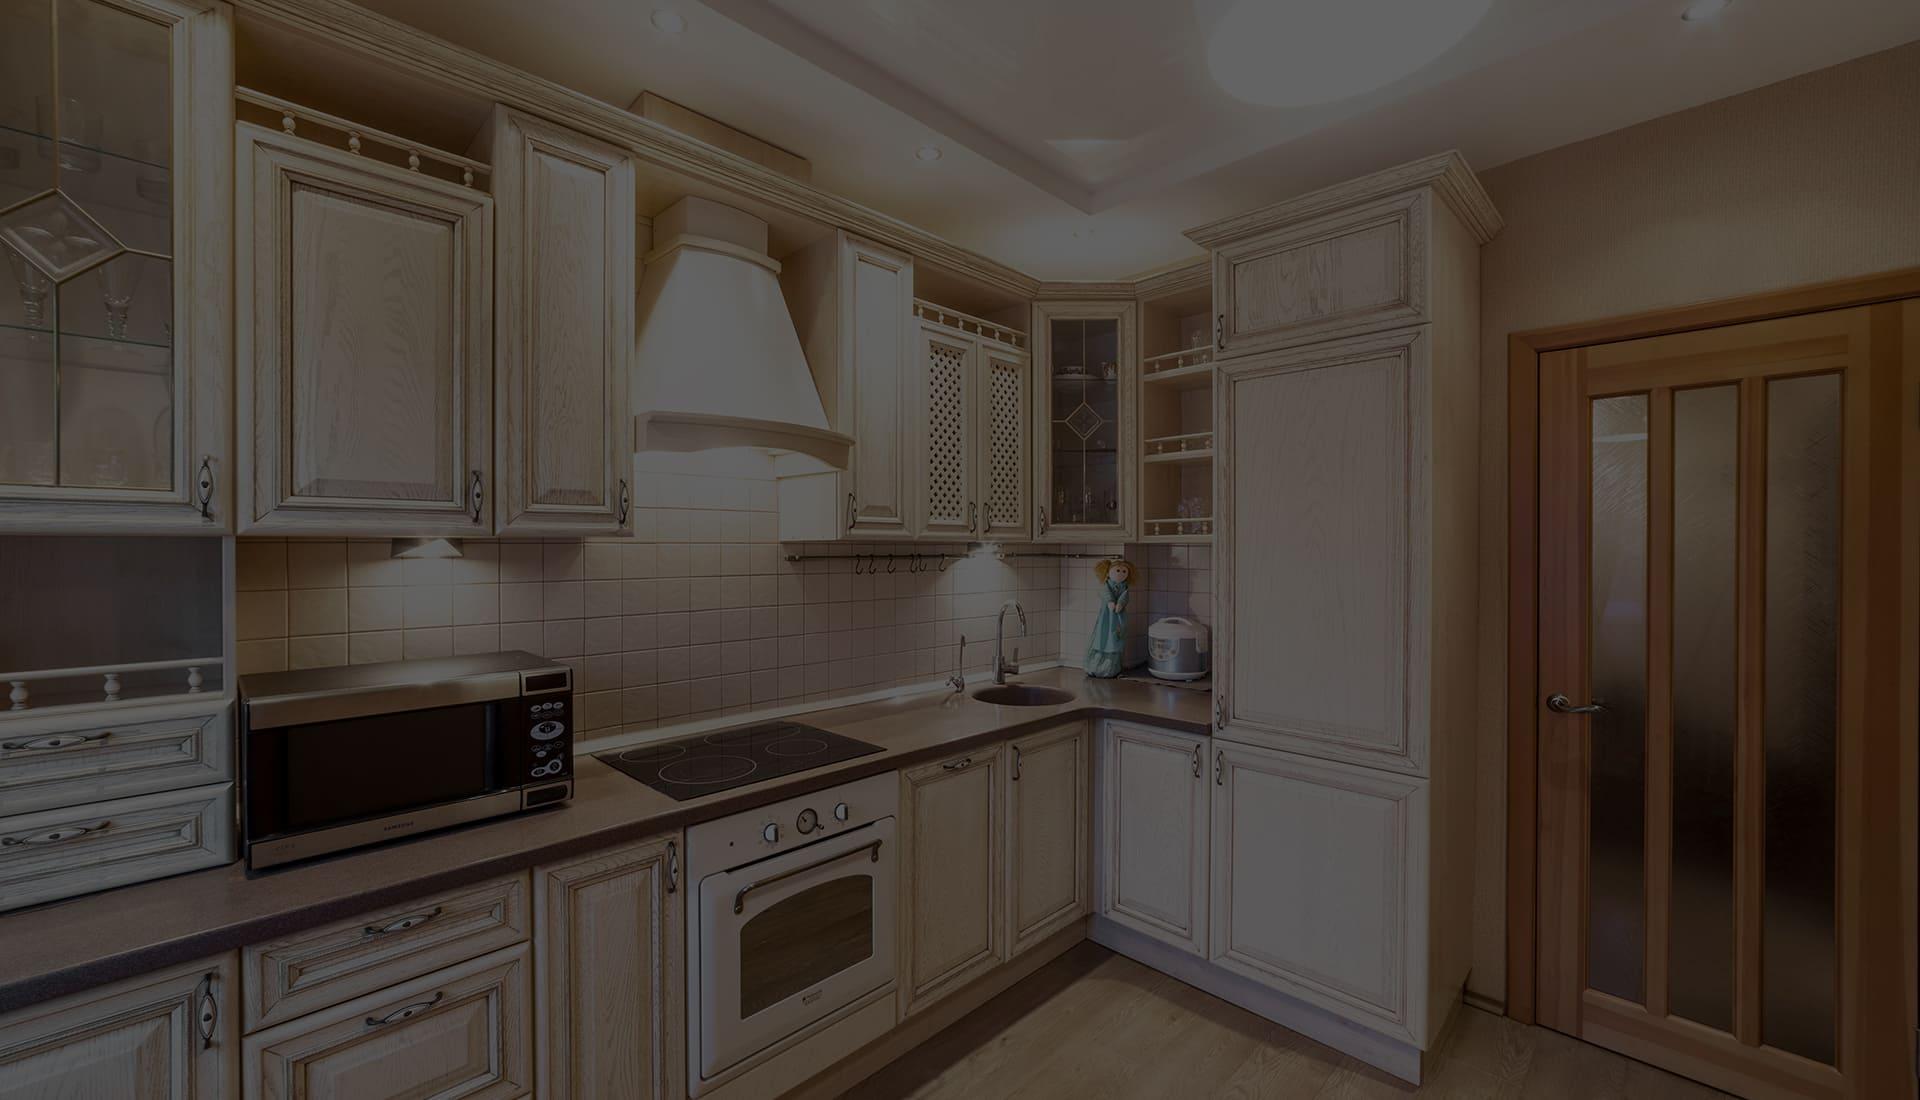 Белая кухня с золотой патиной от производителя